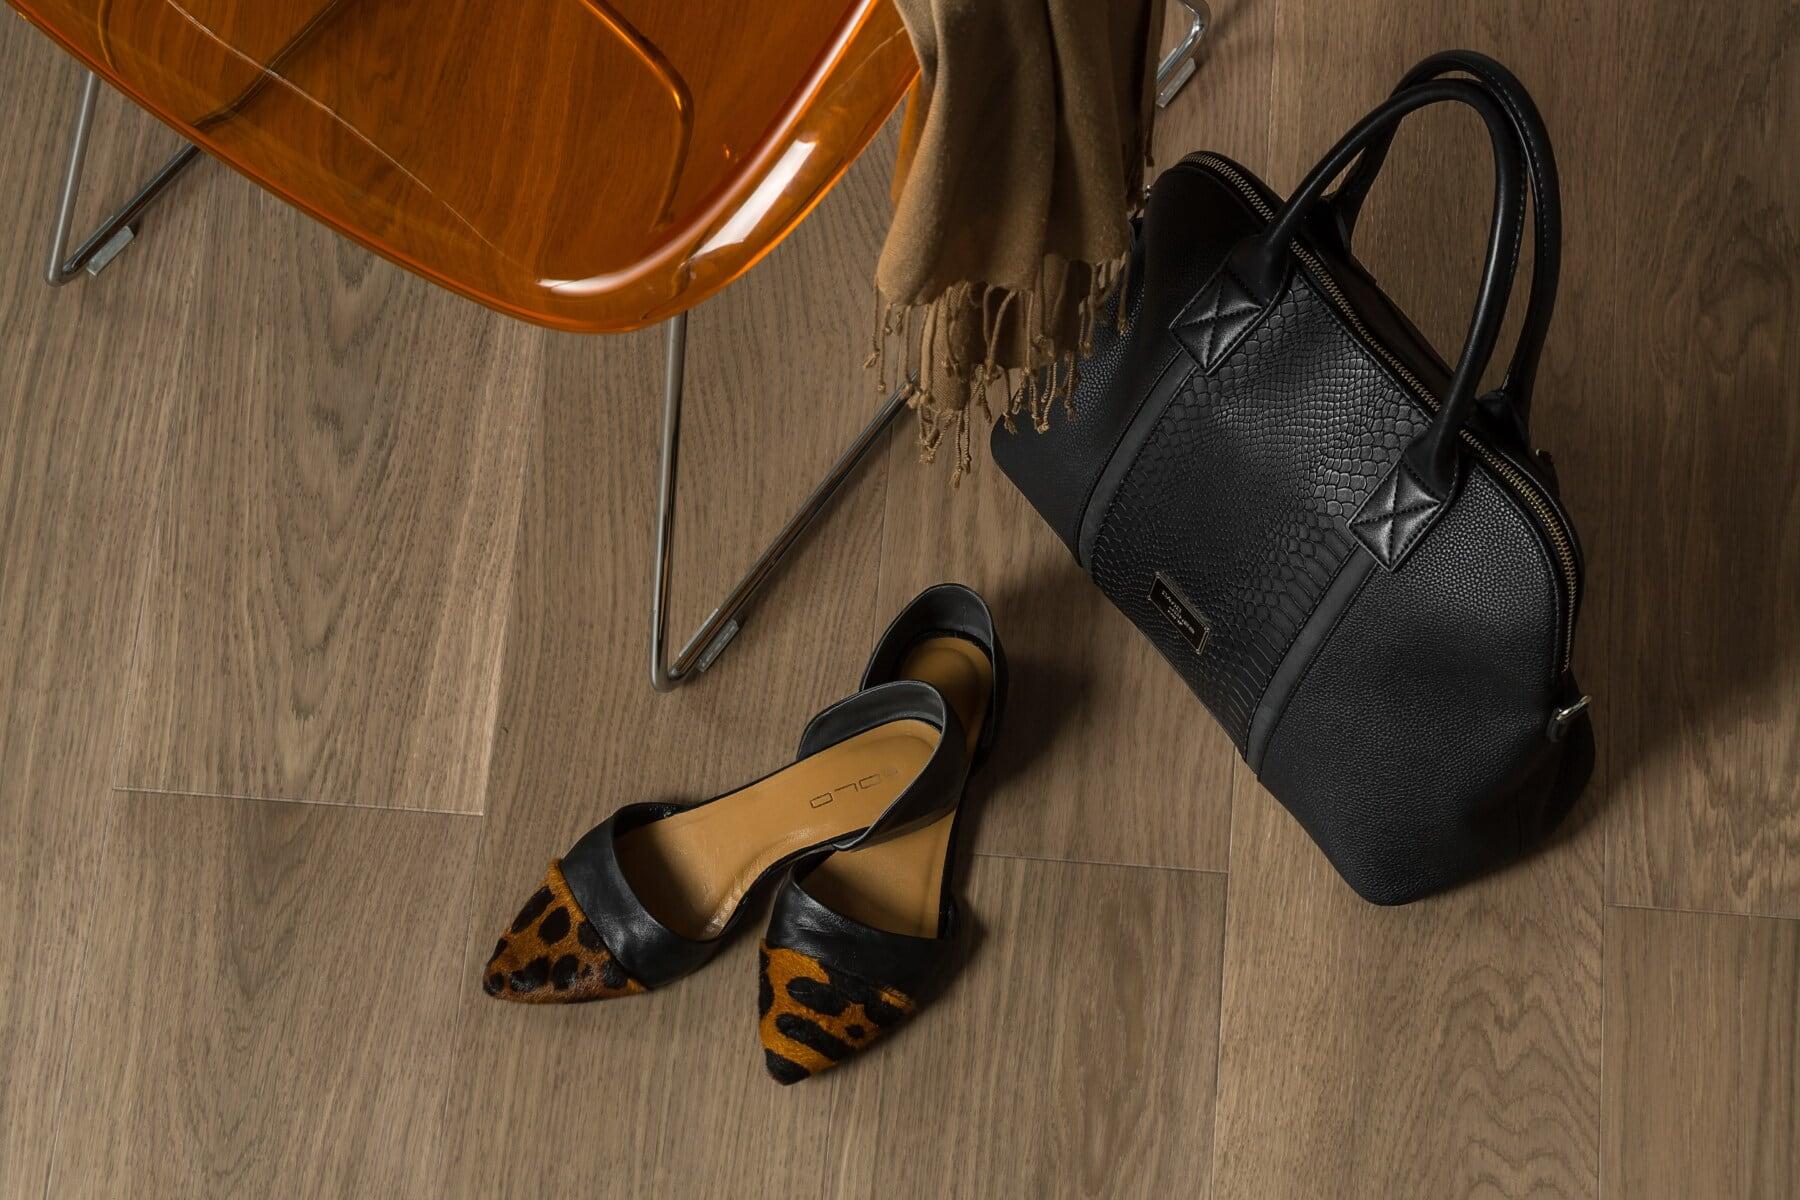 styl, Torebka, buty, żeński, sandały, Projektowanie, piętro, krzesło, Obuwie, krycia